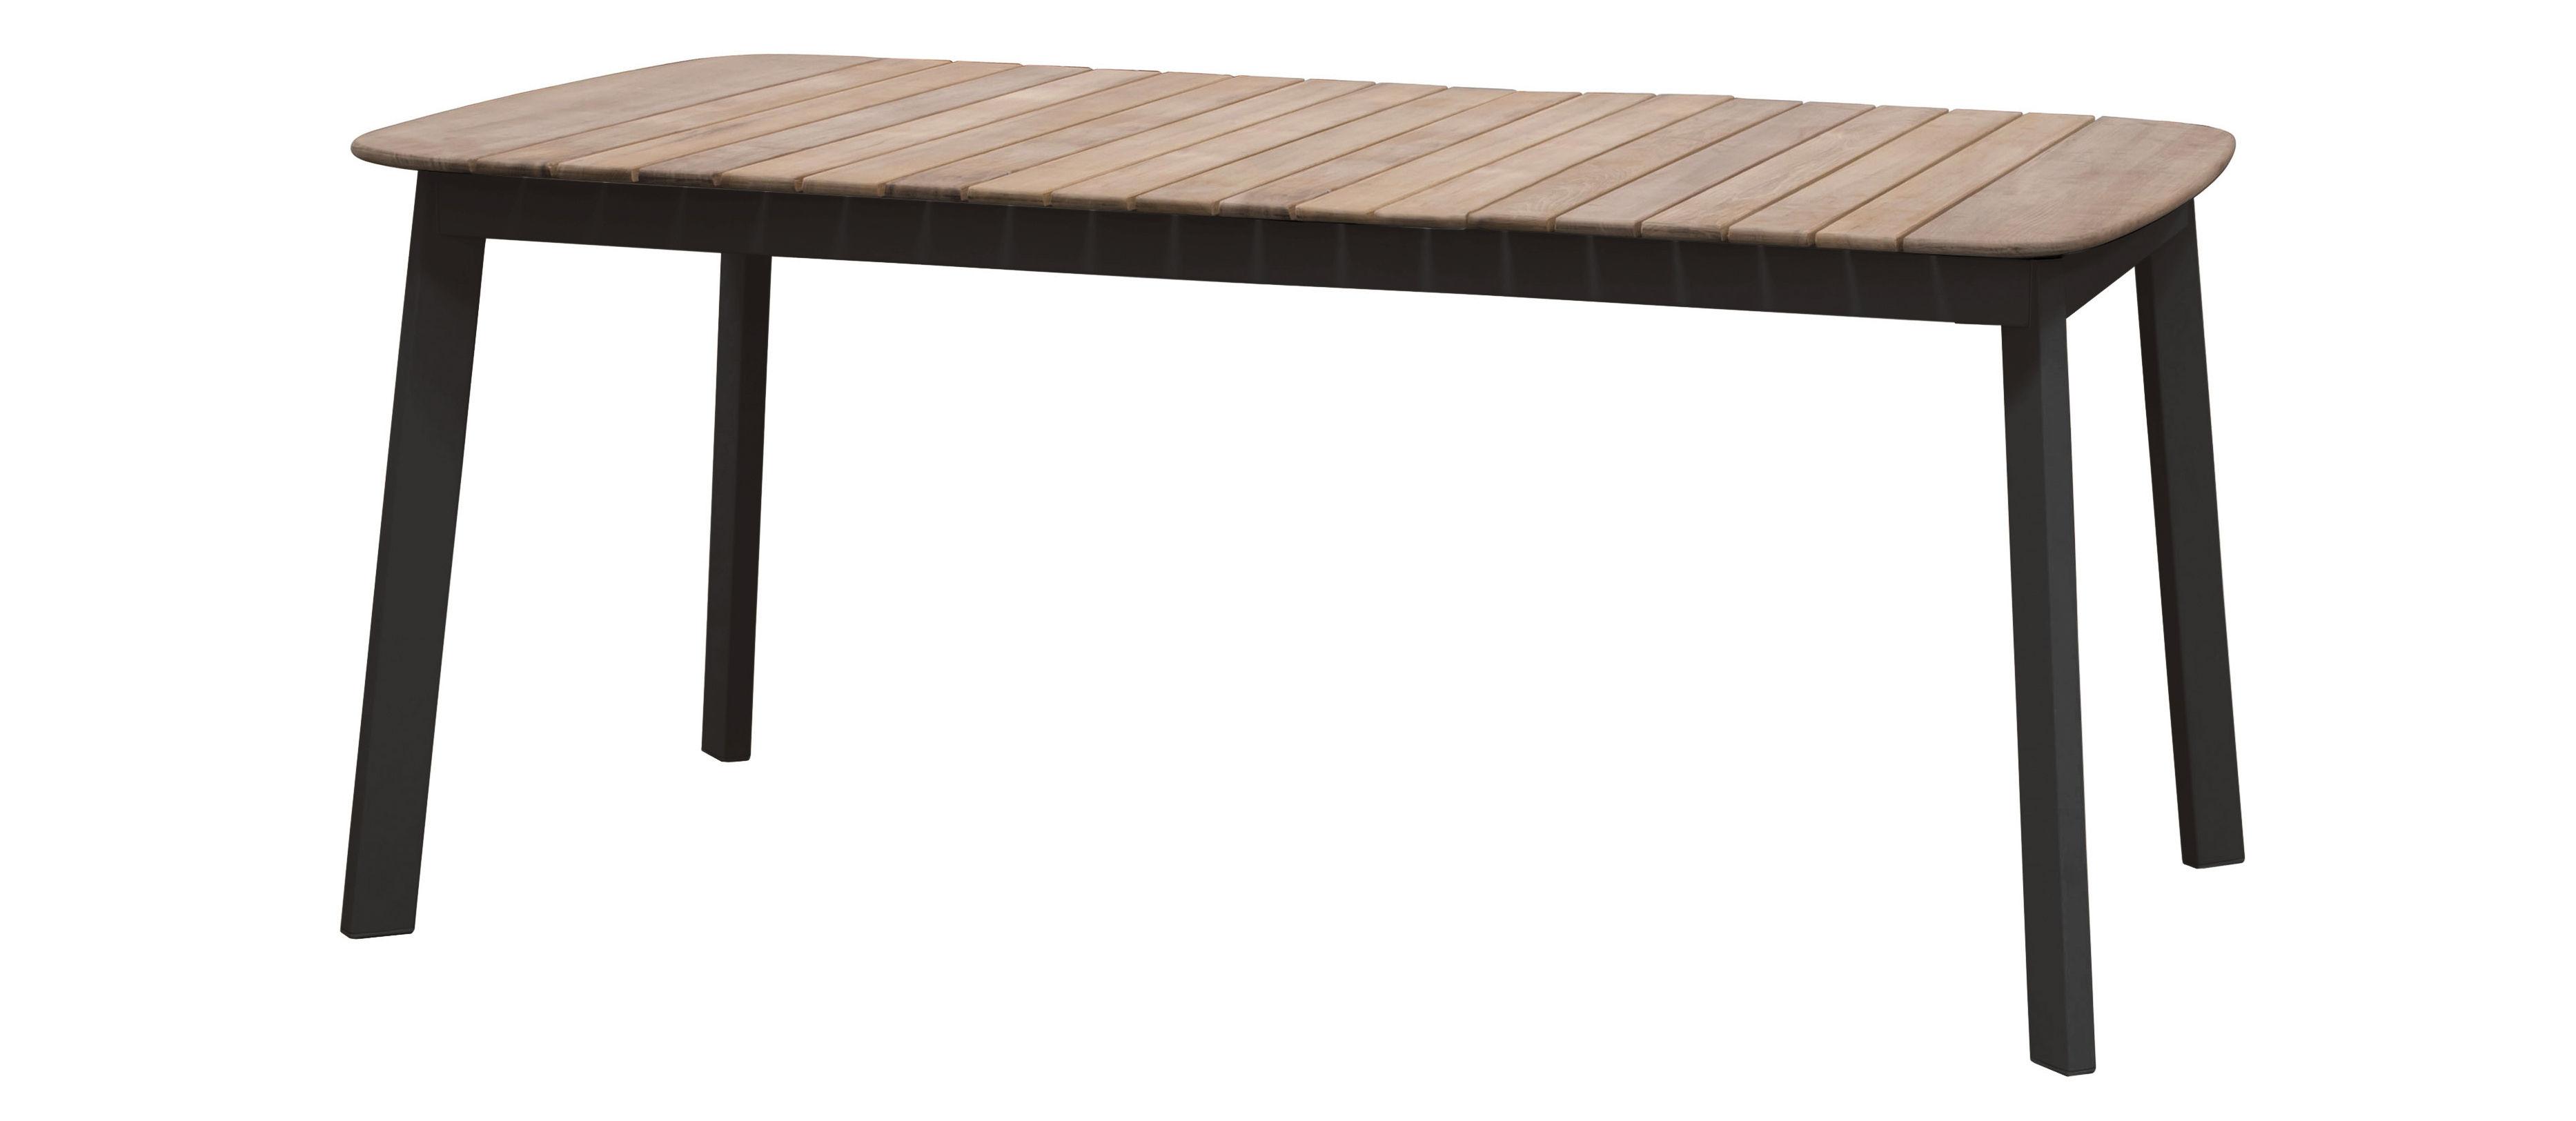 Jardin - Tables de jardin - Table Shine / Plateau Teck - 166 x 100 cm - Emu - Noir / Plateau teck - Aluminium verni, Teck